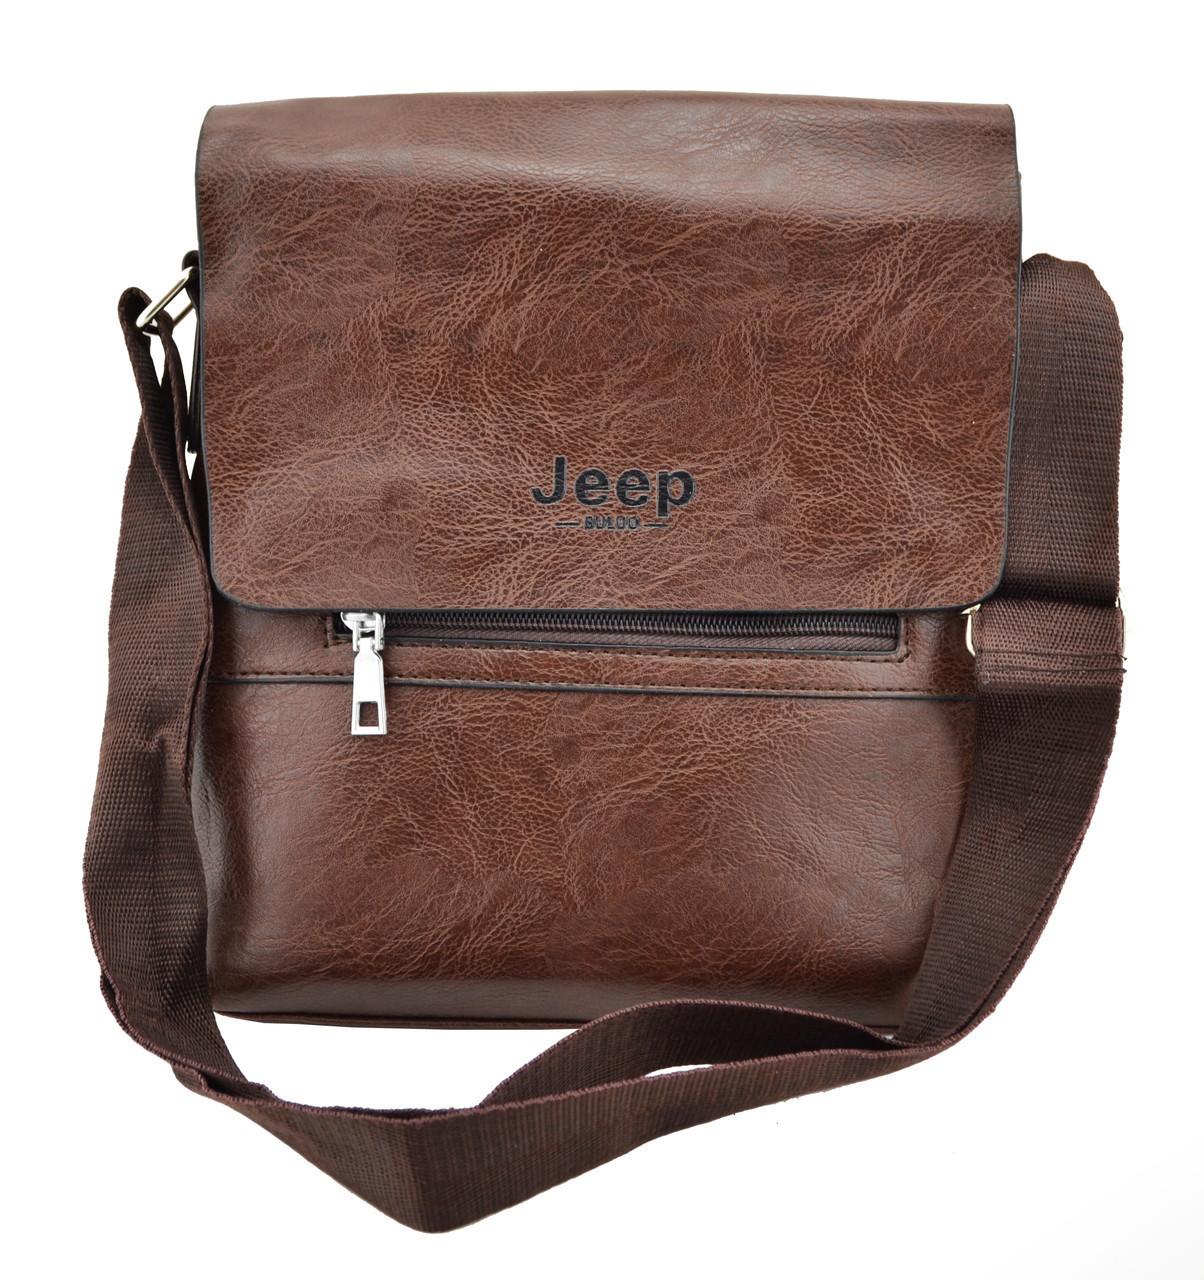 Мужская сумка через плечо JEEP 866 BAGS | Коричневая